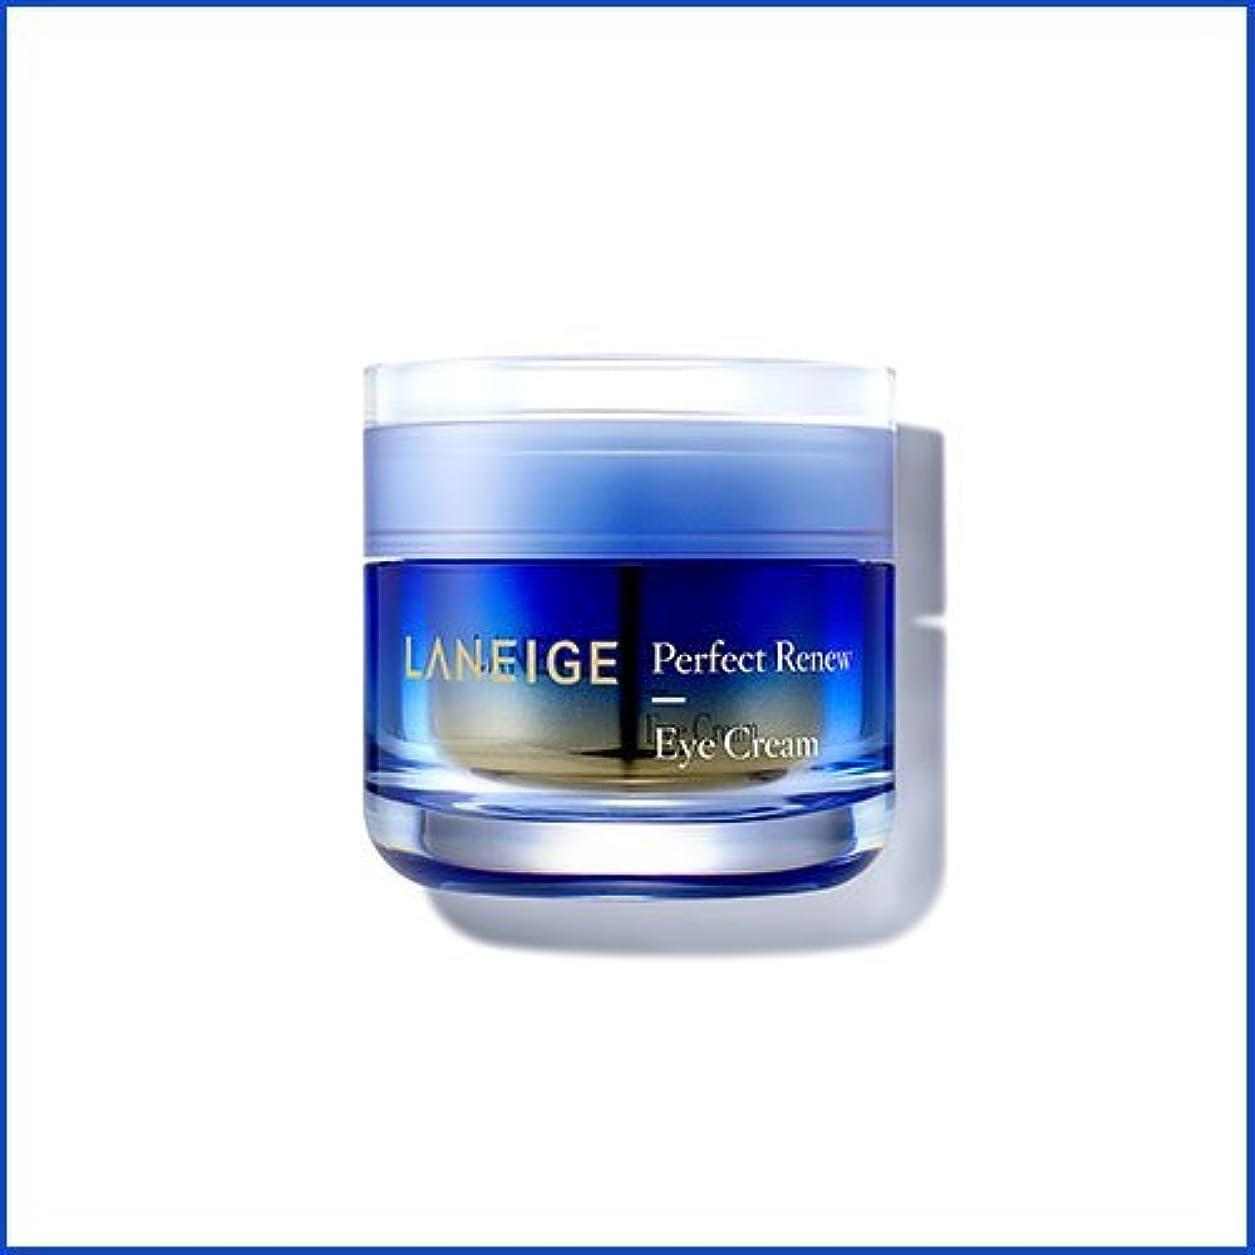 作りますきらきらヒューム【ラネージュ】【LANEIGE】【韓国コスメ】【アイクリーム 】 パーフェクト リニュー アイ クリーム 20ml Perfect Renew Eye Cream [並行輸入品]